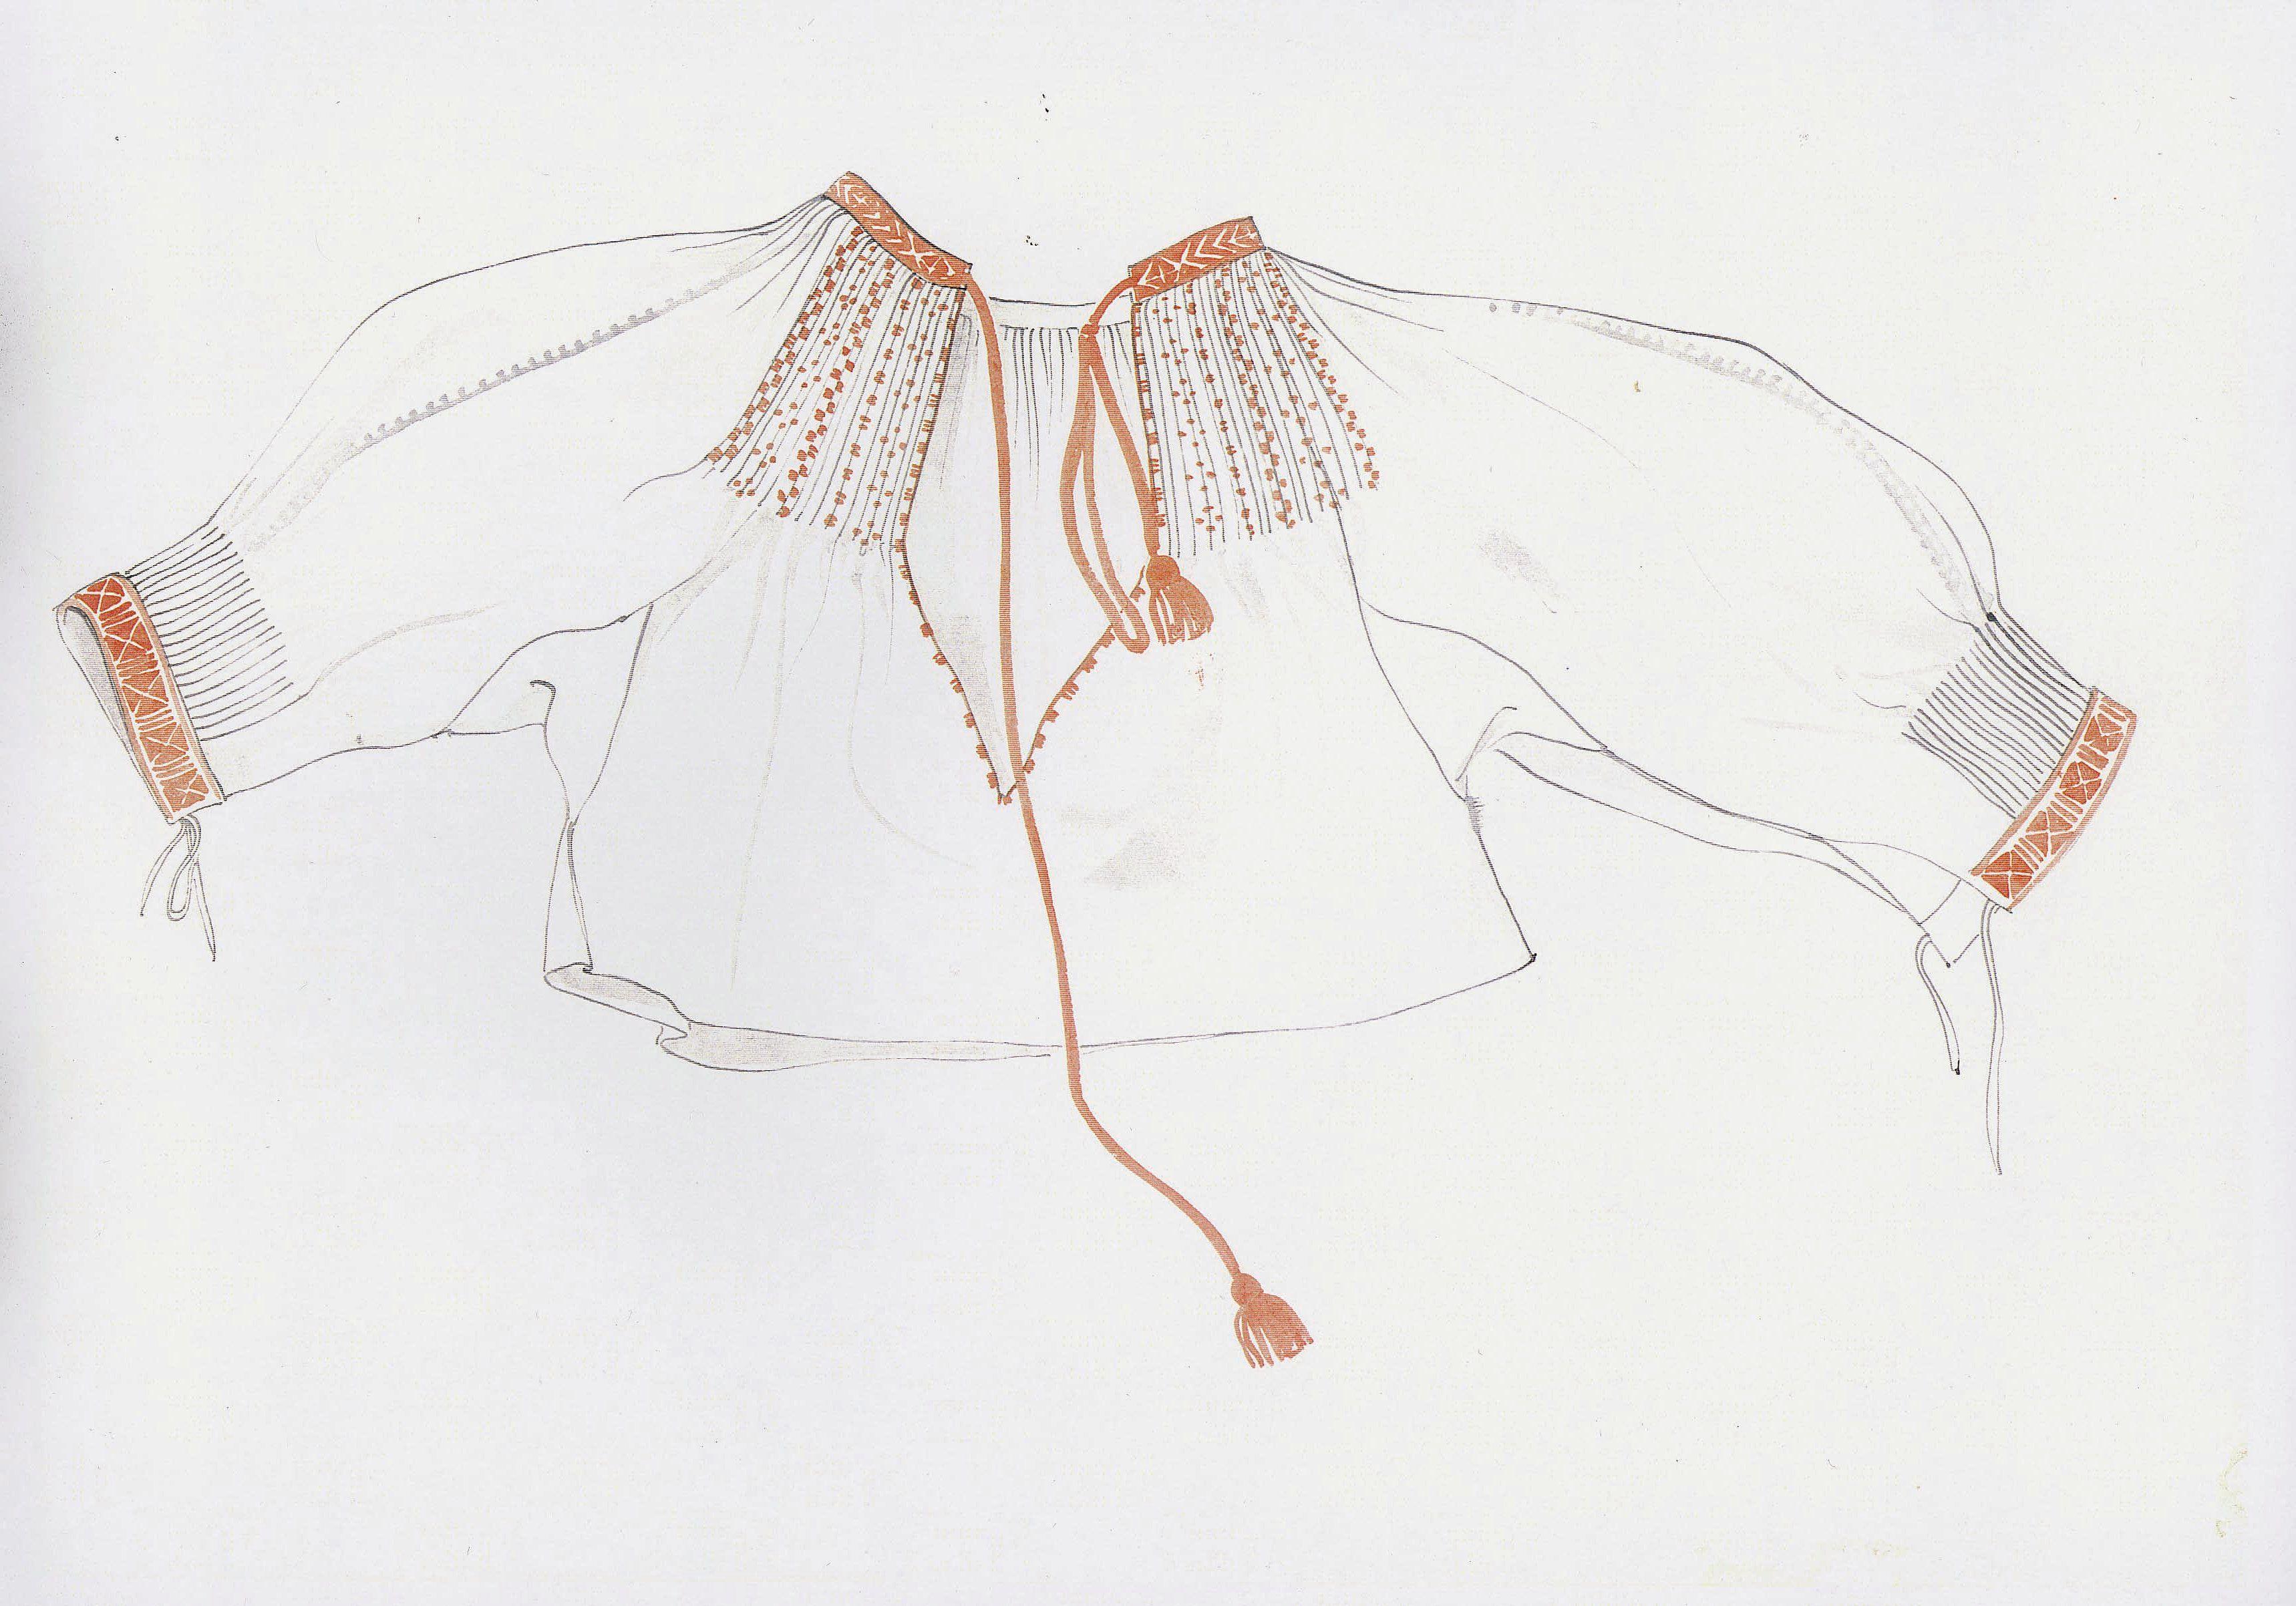 Rukávce, Myslava, druhá štvrtina 20. storočia. Rukávce, oplečko, je ušité z tenšieho kupovaného bavlneného plátna. Má rovný strih, s rukávmi bokom prišitými. Rukávy sú z jeden a pol poly plátna. Horný okraj drieku a rukávov je všitý do nízkeho stojatého goliera. Navyše, riasenie predného dielu drieku je zachytené sluškovacím stehom. Konce rukávov sú nazberané a všité do úzkych manžiet. Golier a manžety zdobí krížiková výšivka. Rukávce siahali niže pása. Oproti rukávcom z predchádzajúceho…